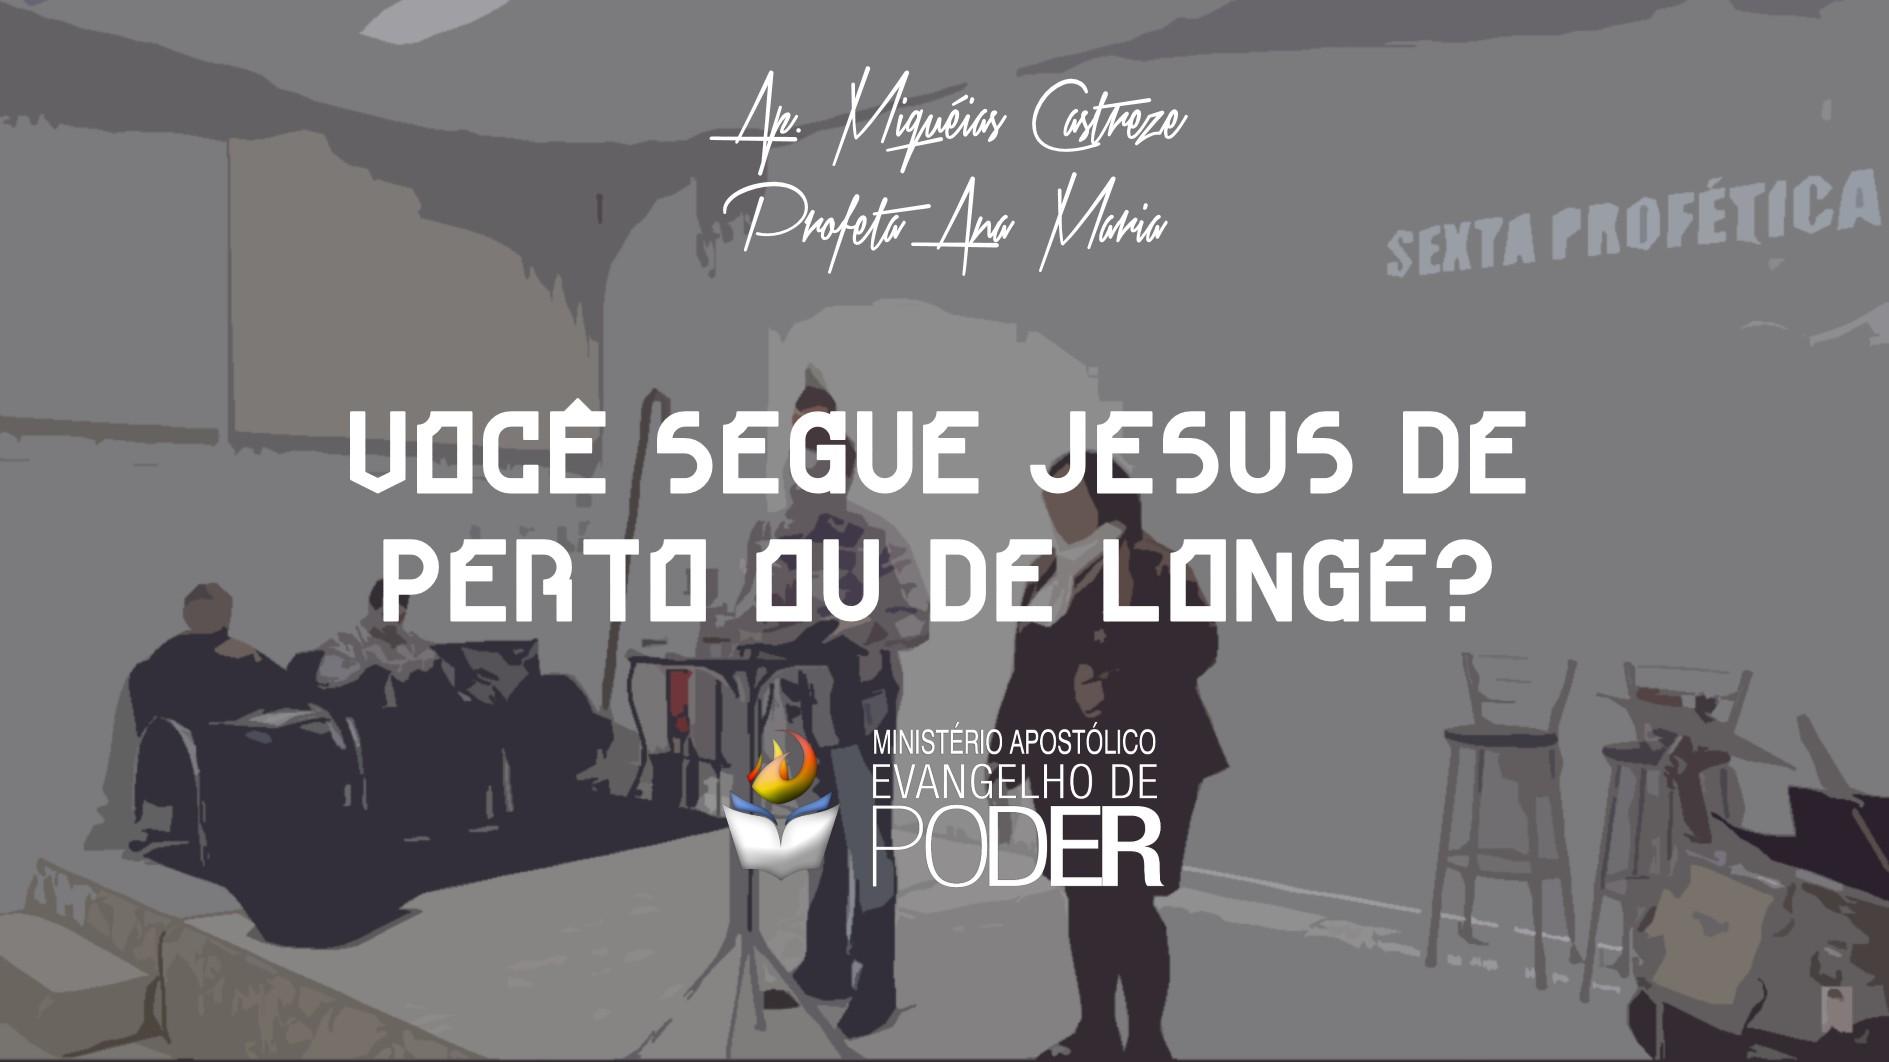 VOCÊ SEGUE JESUS DE PERTO OU DE LONGE?